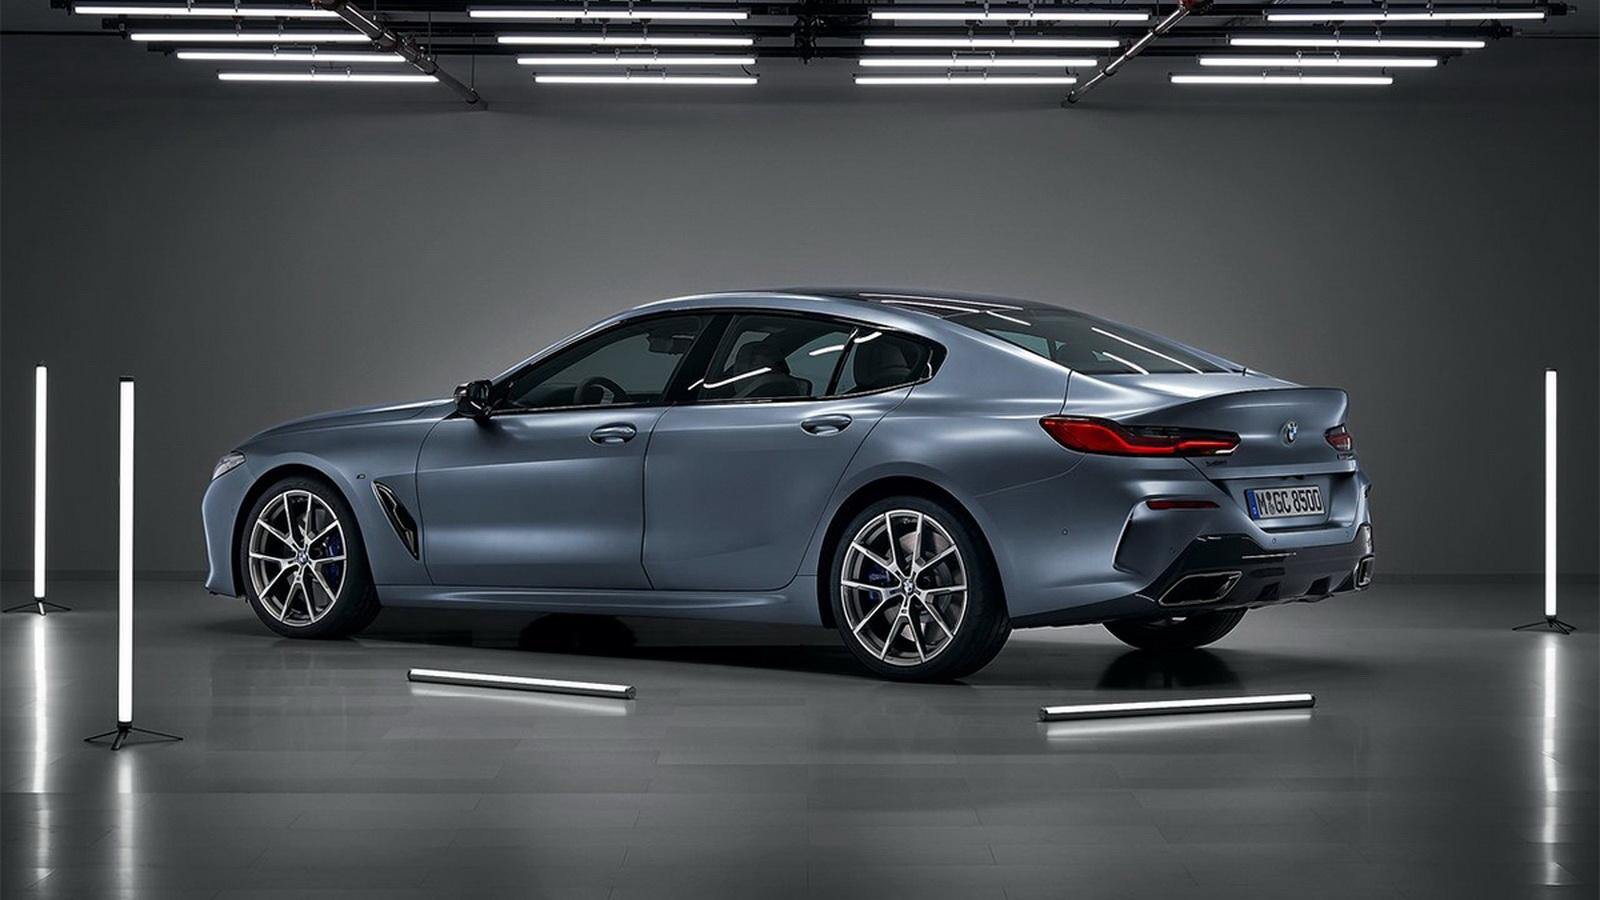 圖/2020 BMW 8-Series Gran Coupe M850i xDrive透過車側鈑件折線、後葉子板的肌理線條,以及後保桿導流孔道,創造出媲美賽車的強大氣勢。